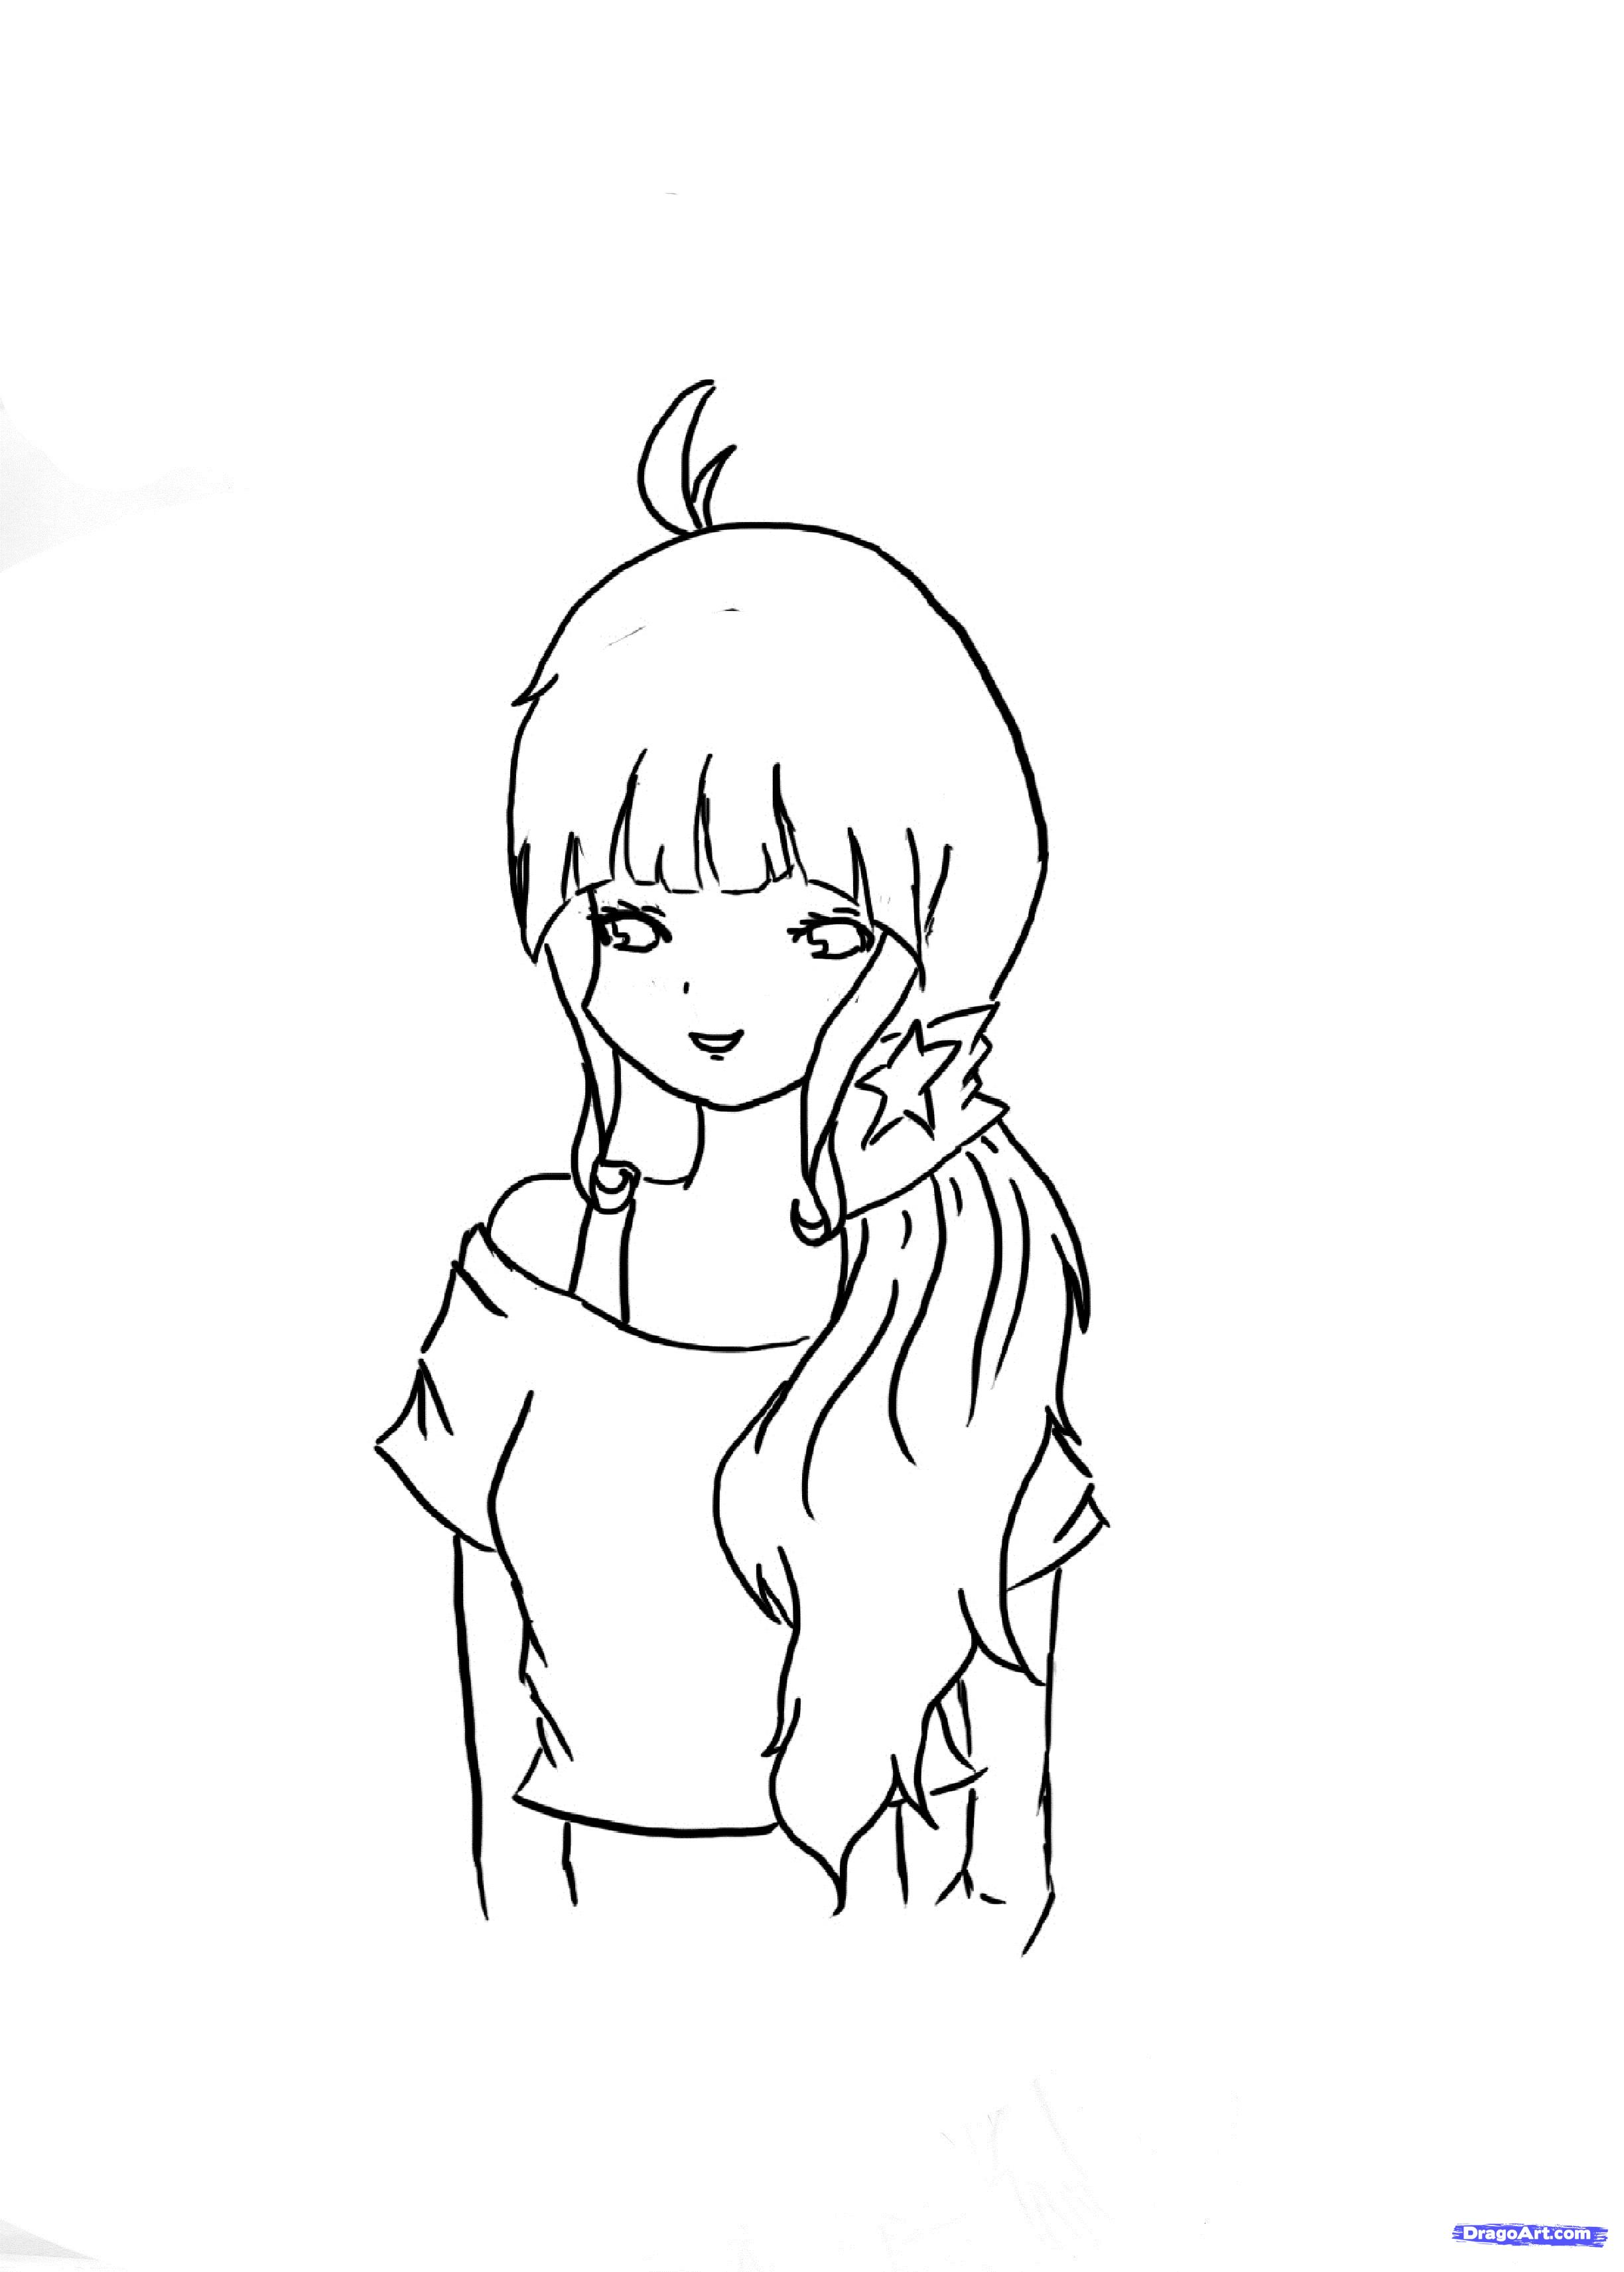 Рисуем красивую аниме девочку - фото 5